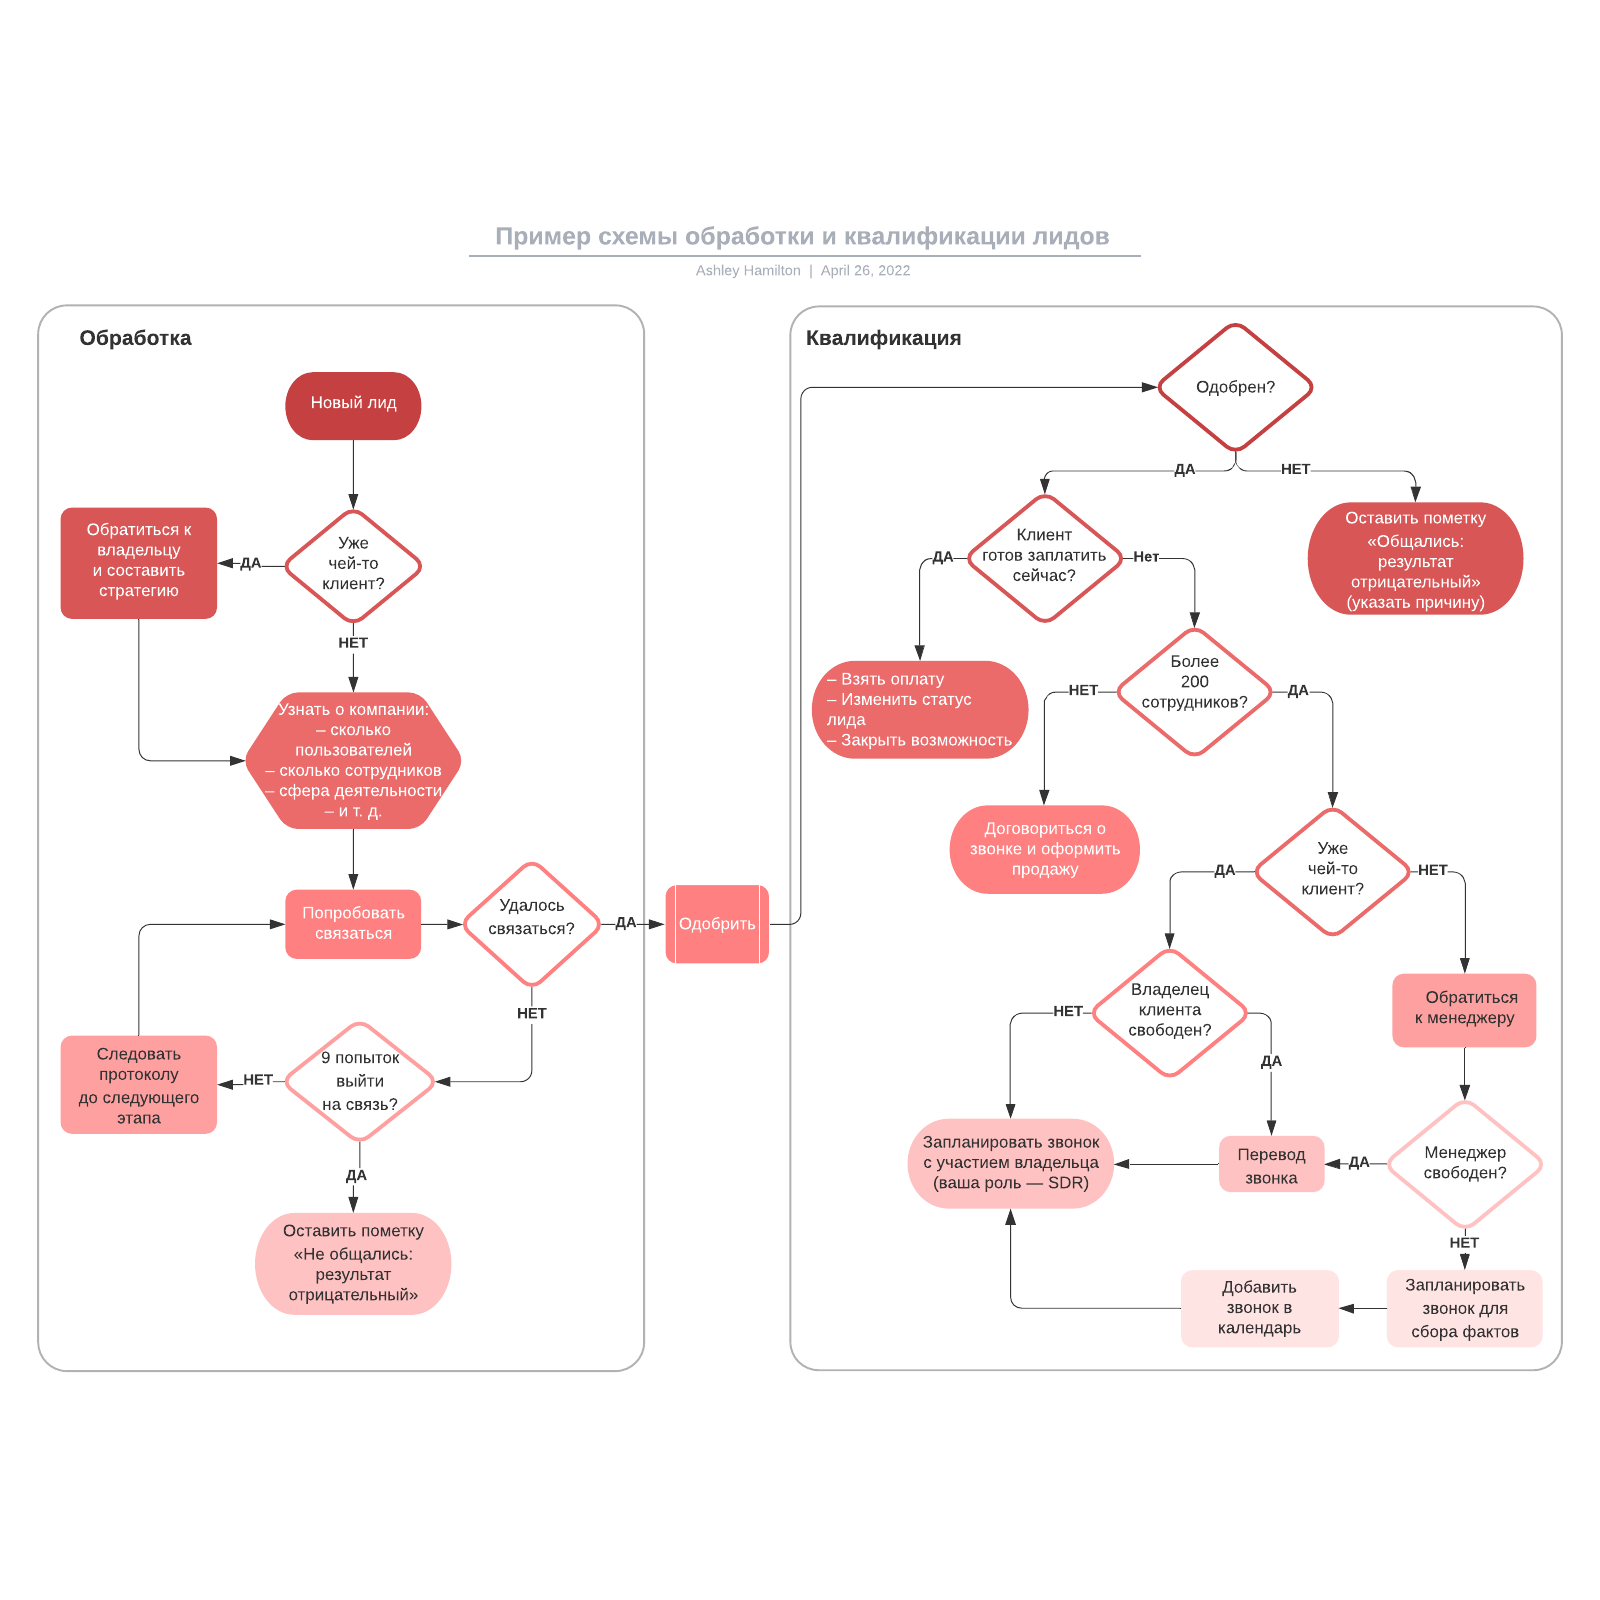 Пример схемы обработки и квалификации лидов